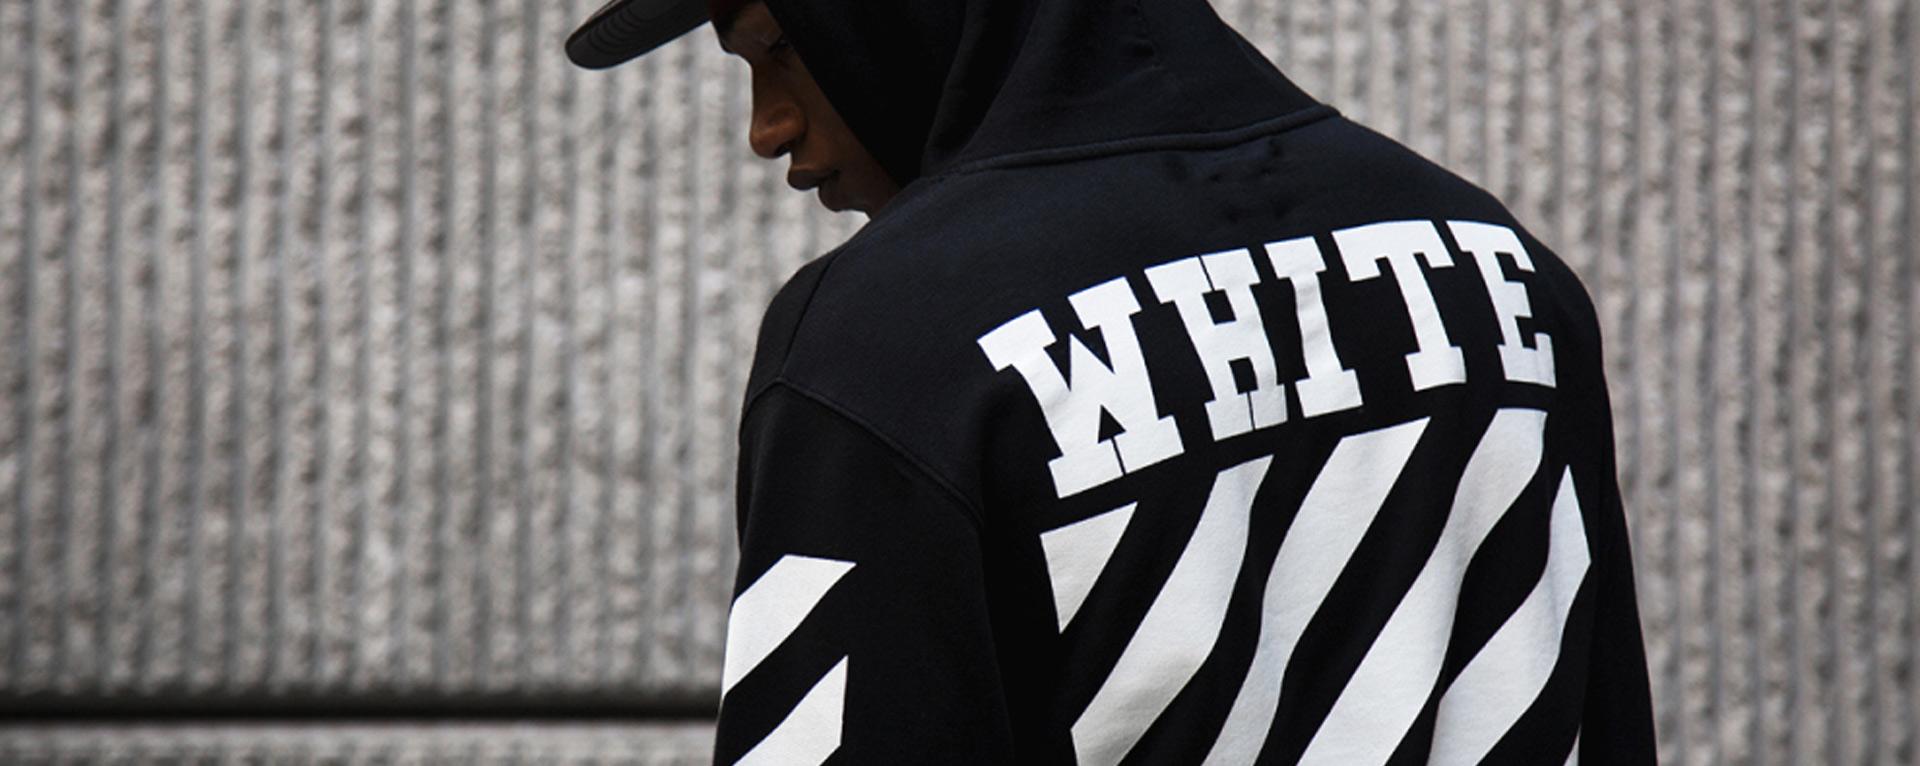 Accessori Off E White Abbigliamento Abbigliamento Off E White UW1UpxR6